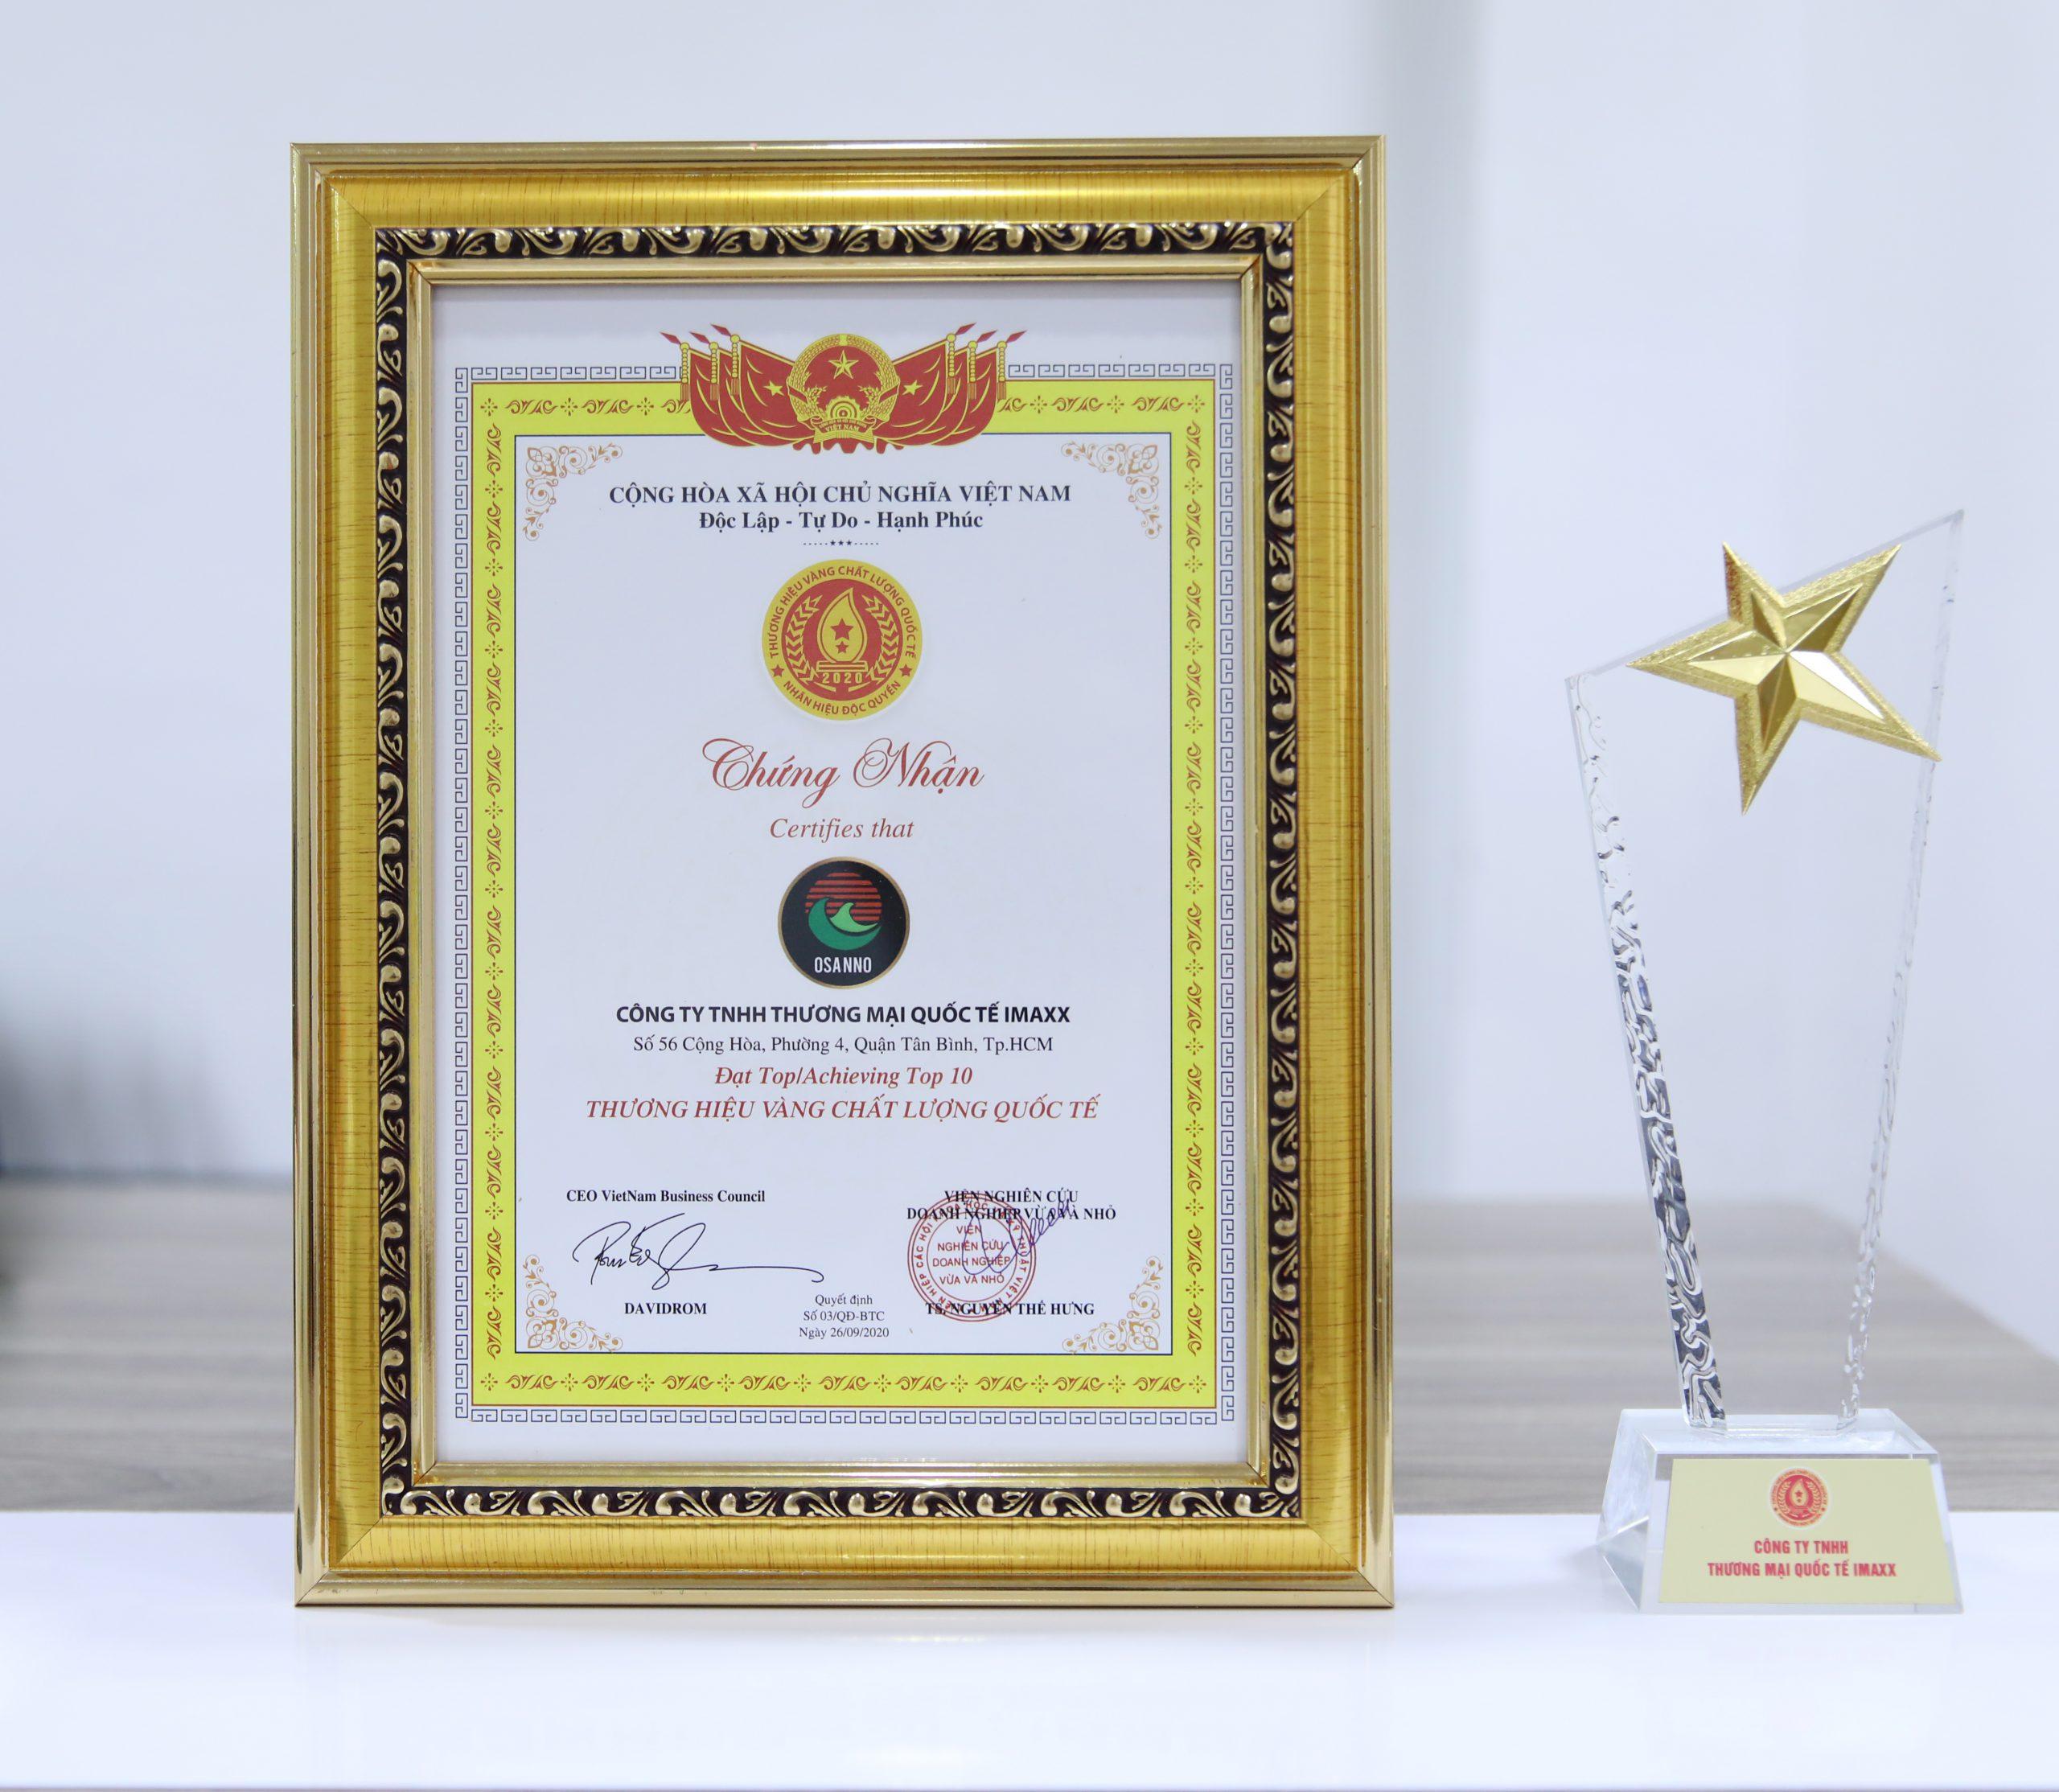 Osanno đạt được chứng nhận Thương hiệu Vàng